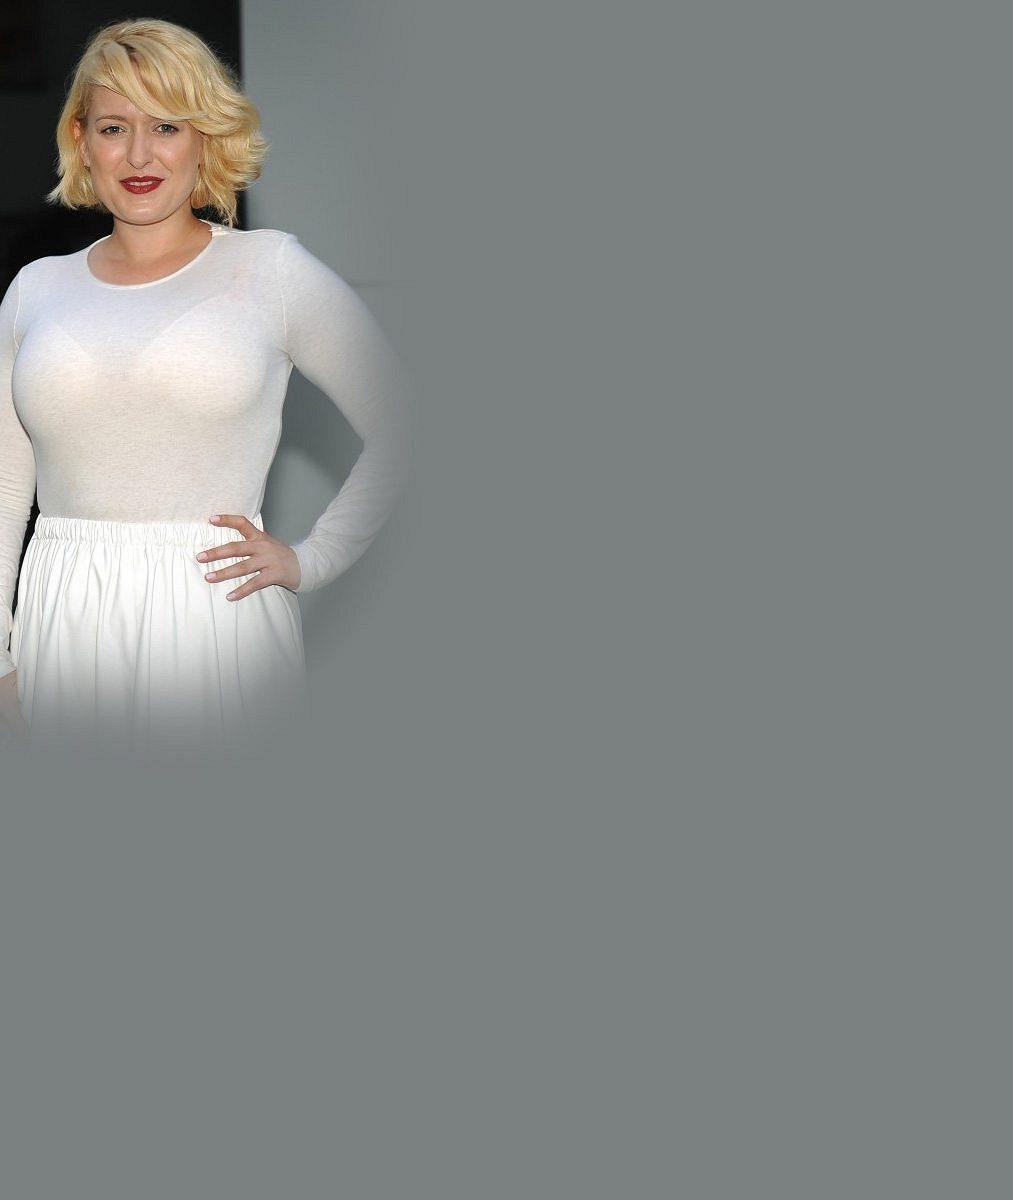 Chápete to vůbec? Česká Marilyn Monroe nemá ráda svoje tělo. Je ale asi jediná v Česku!